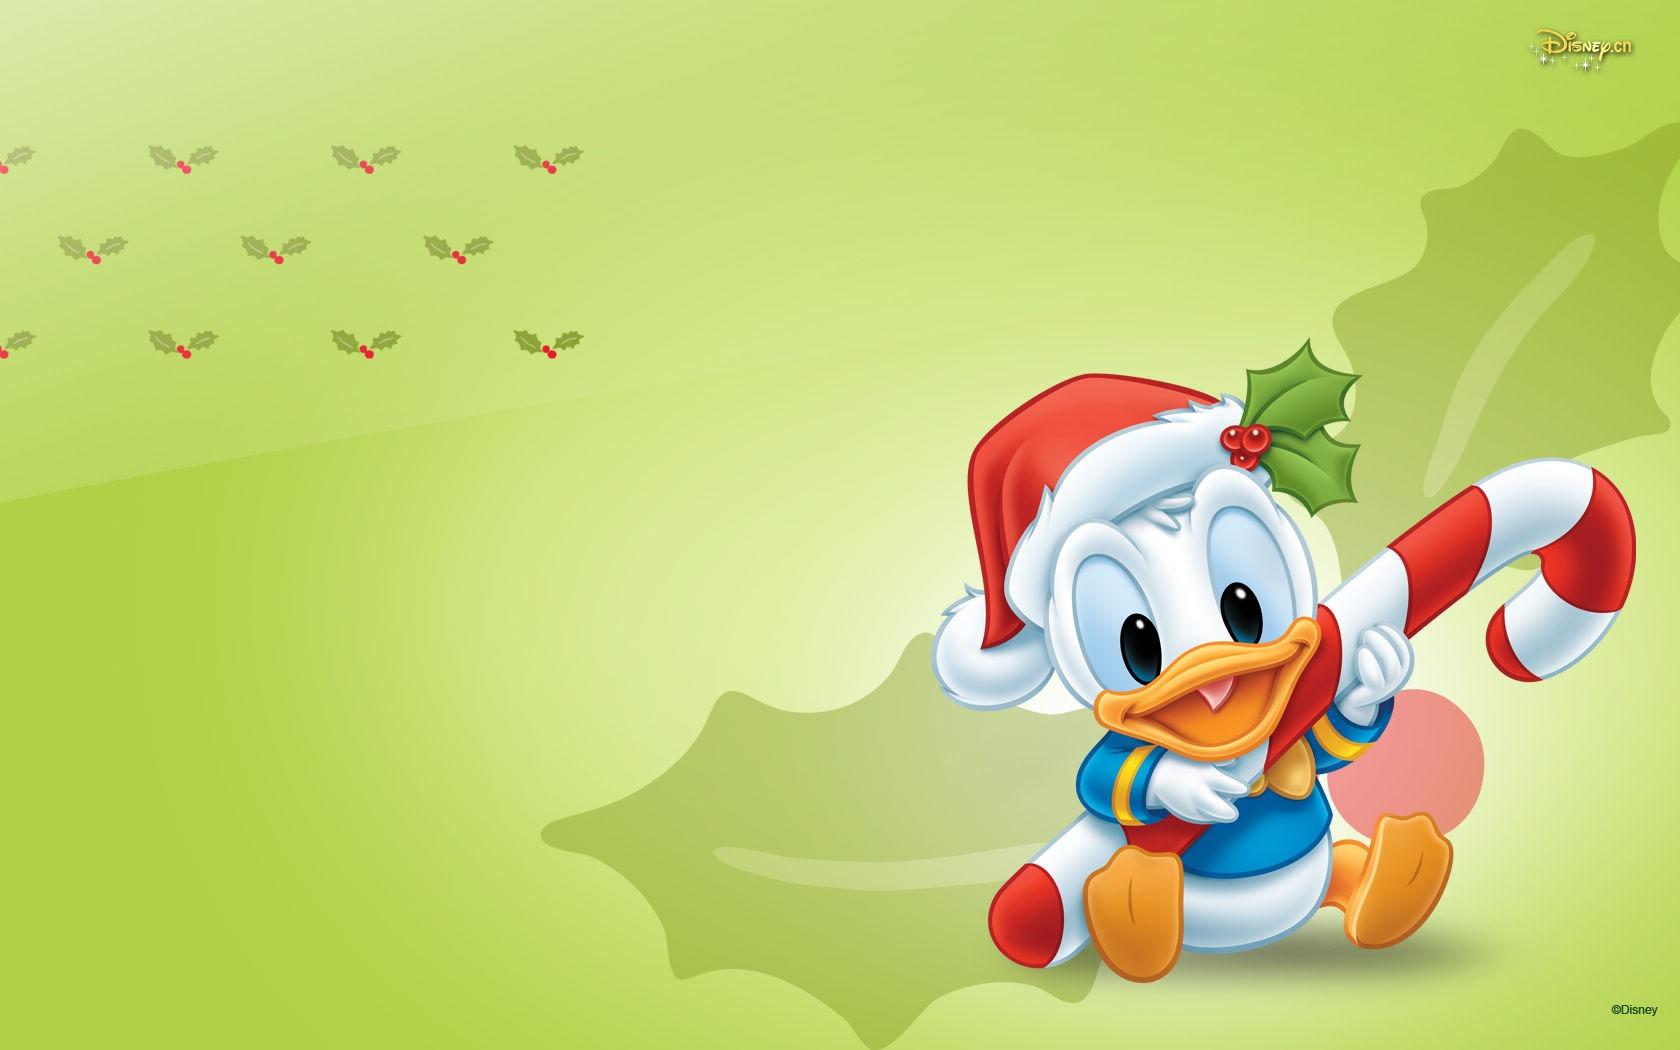 Cartoon Wallpapers for Desktop HD - WallpaperSafari